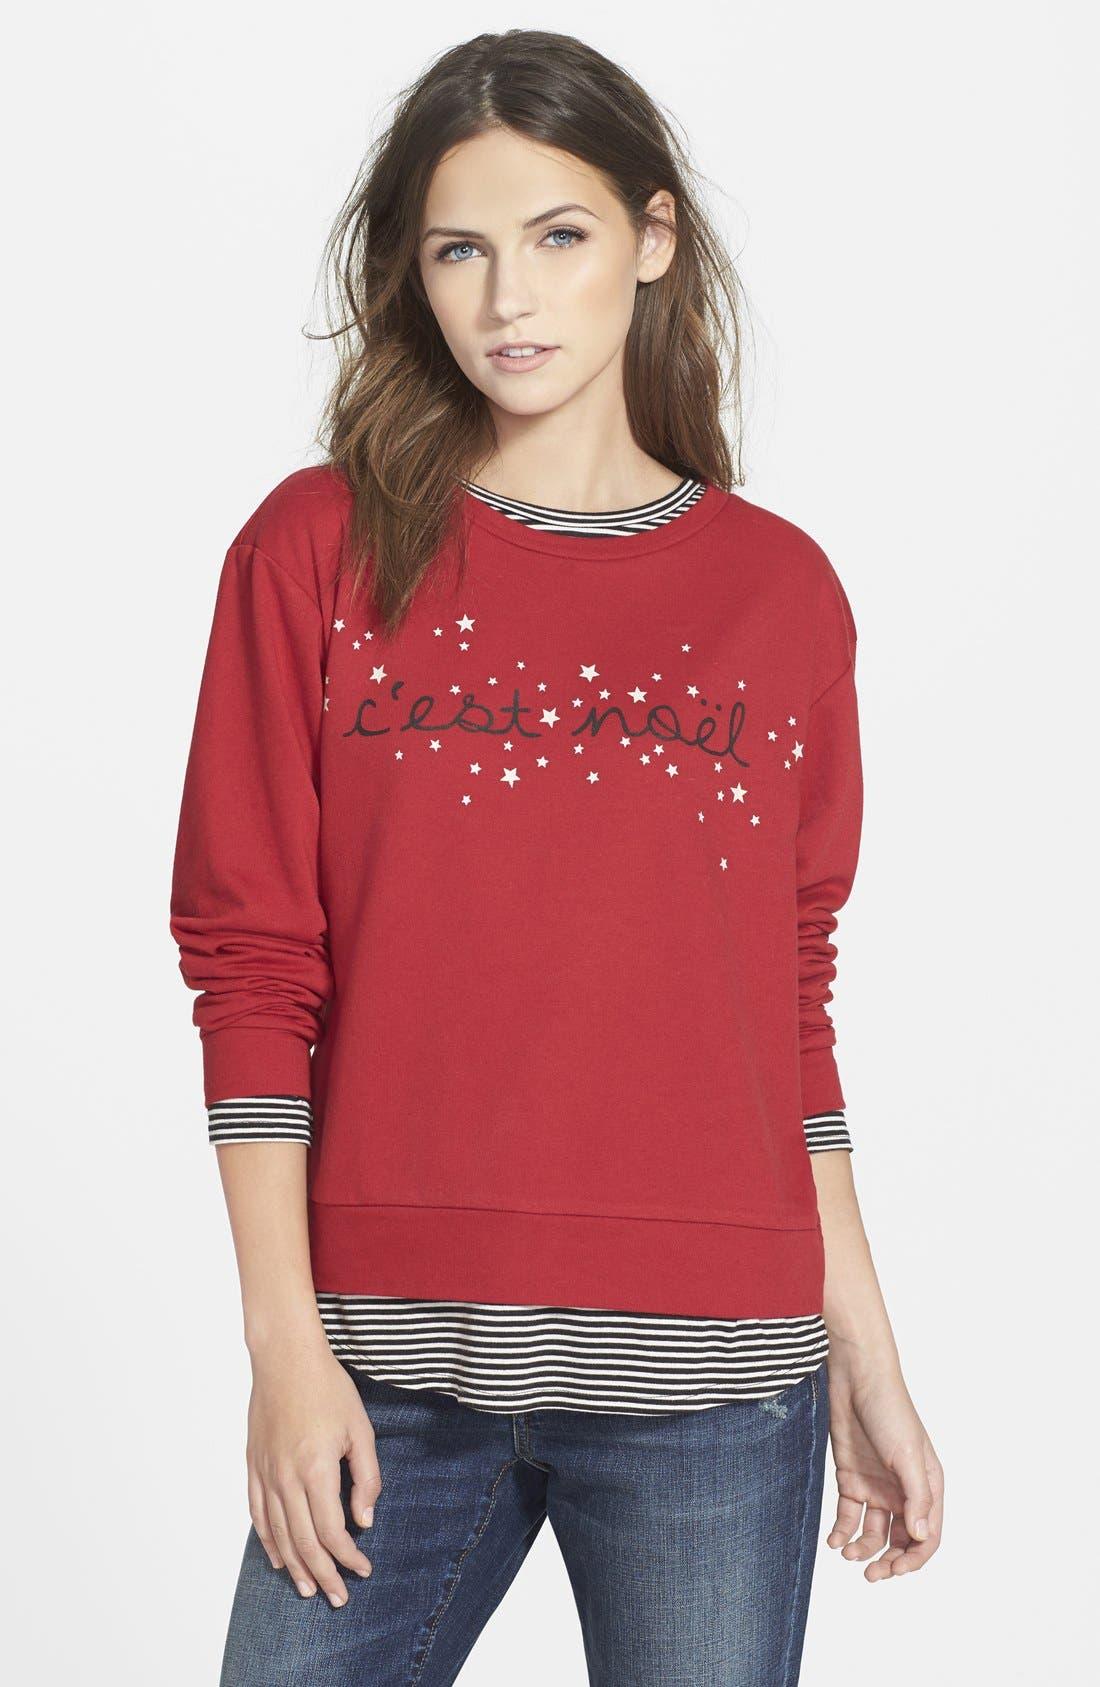 'C'est Noël' Sweatshirt,                             Main thumbnail 1, color,                             600